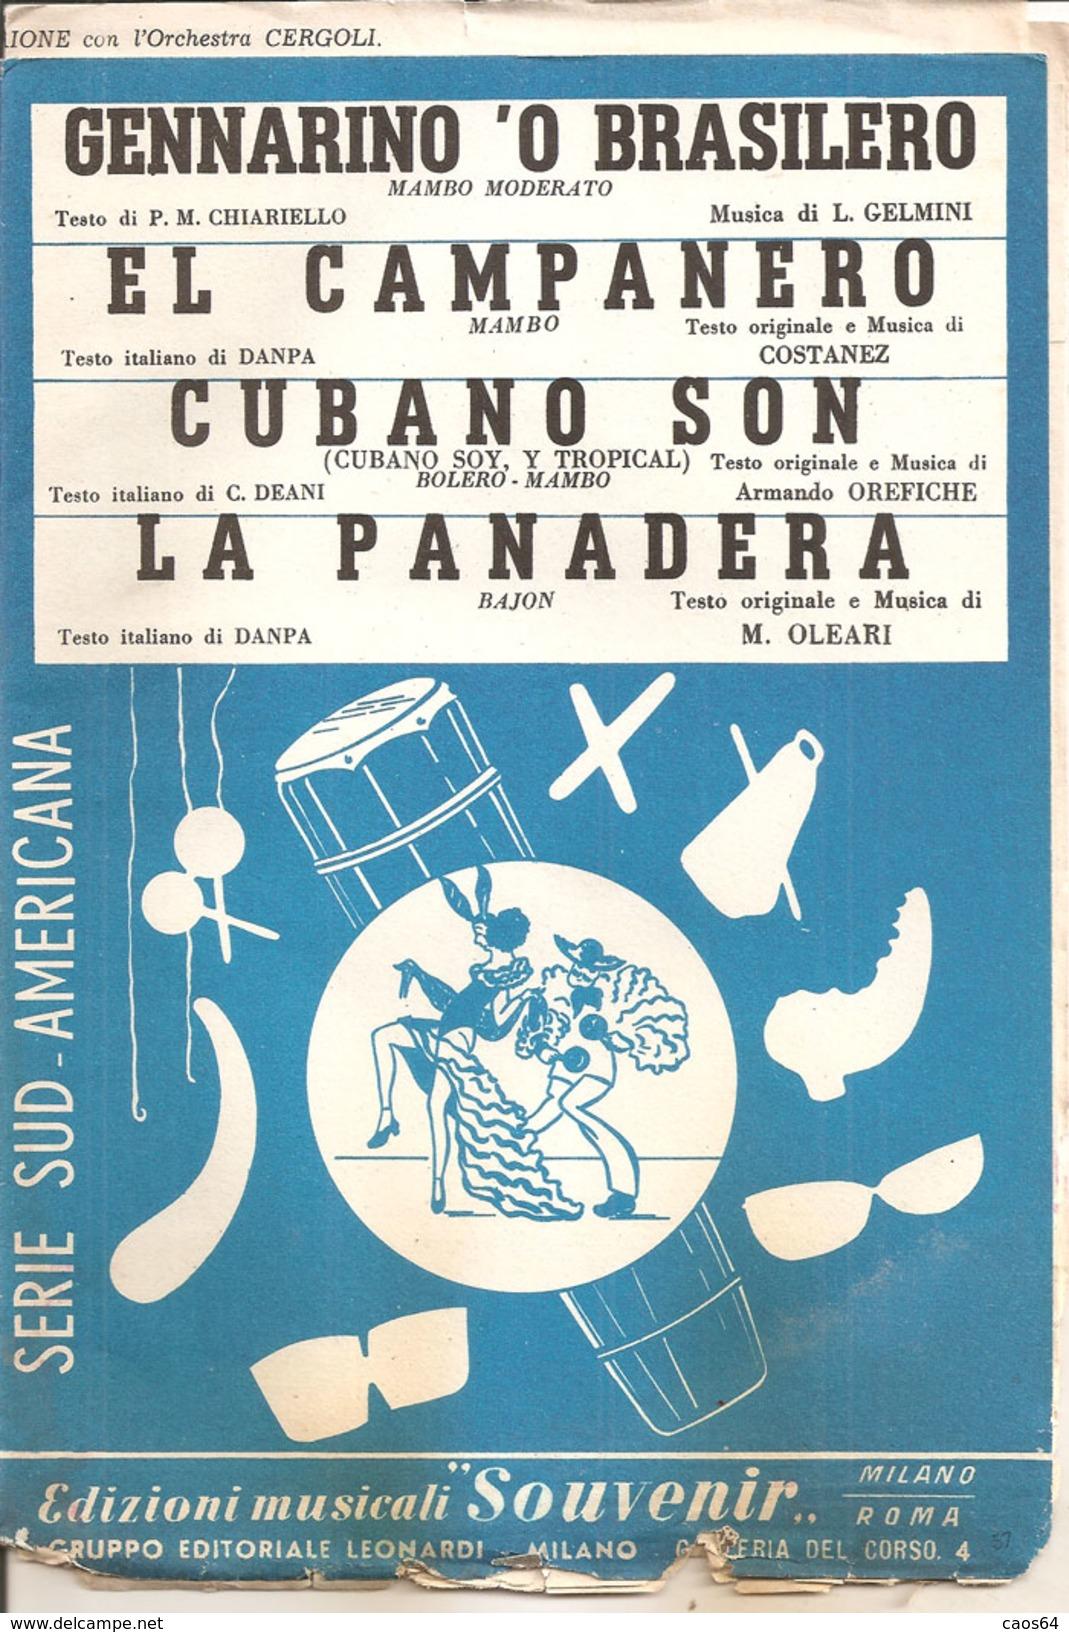 SERIE SUD AMERICA - Musica Popolare